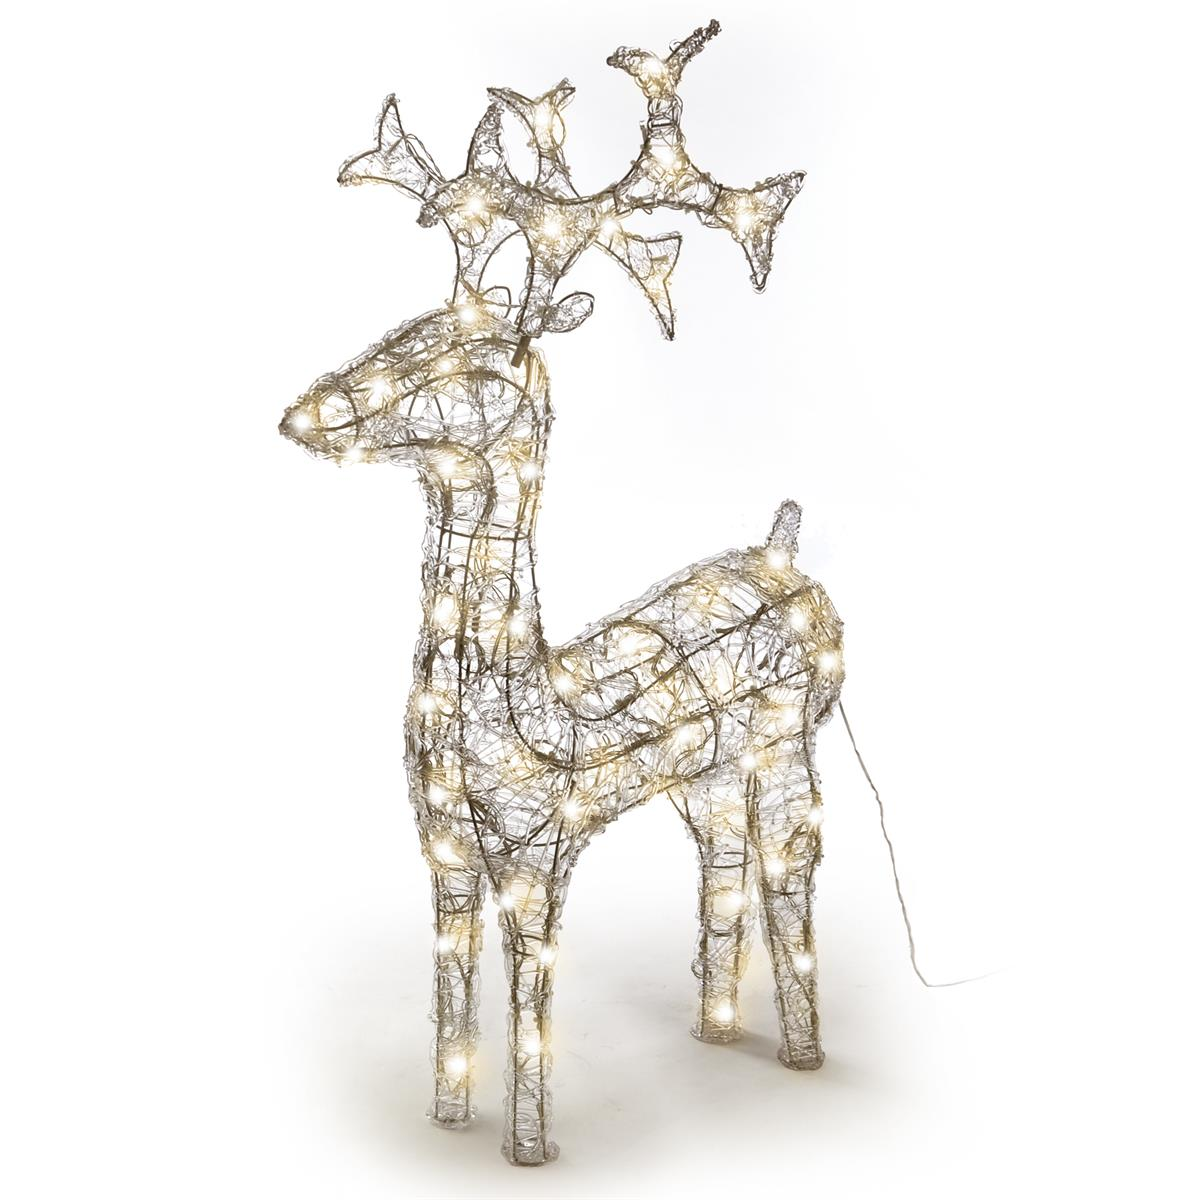 Weihnachtsbeleuchtung Figuren Led.Rentier Acryl 120 Led Weihnachtsbeleuchtung Weihnachten Figur 100 Cm